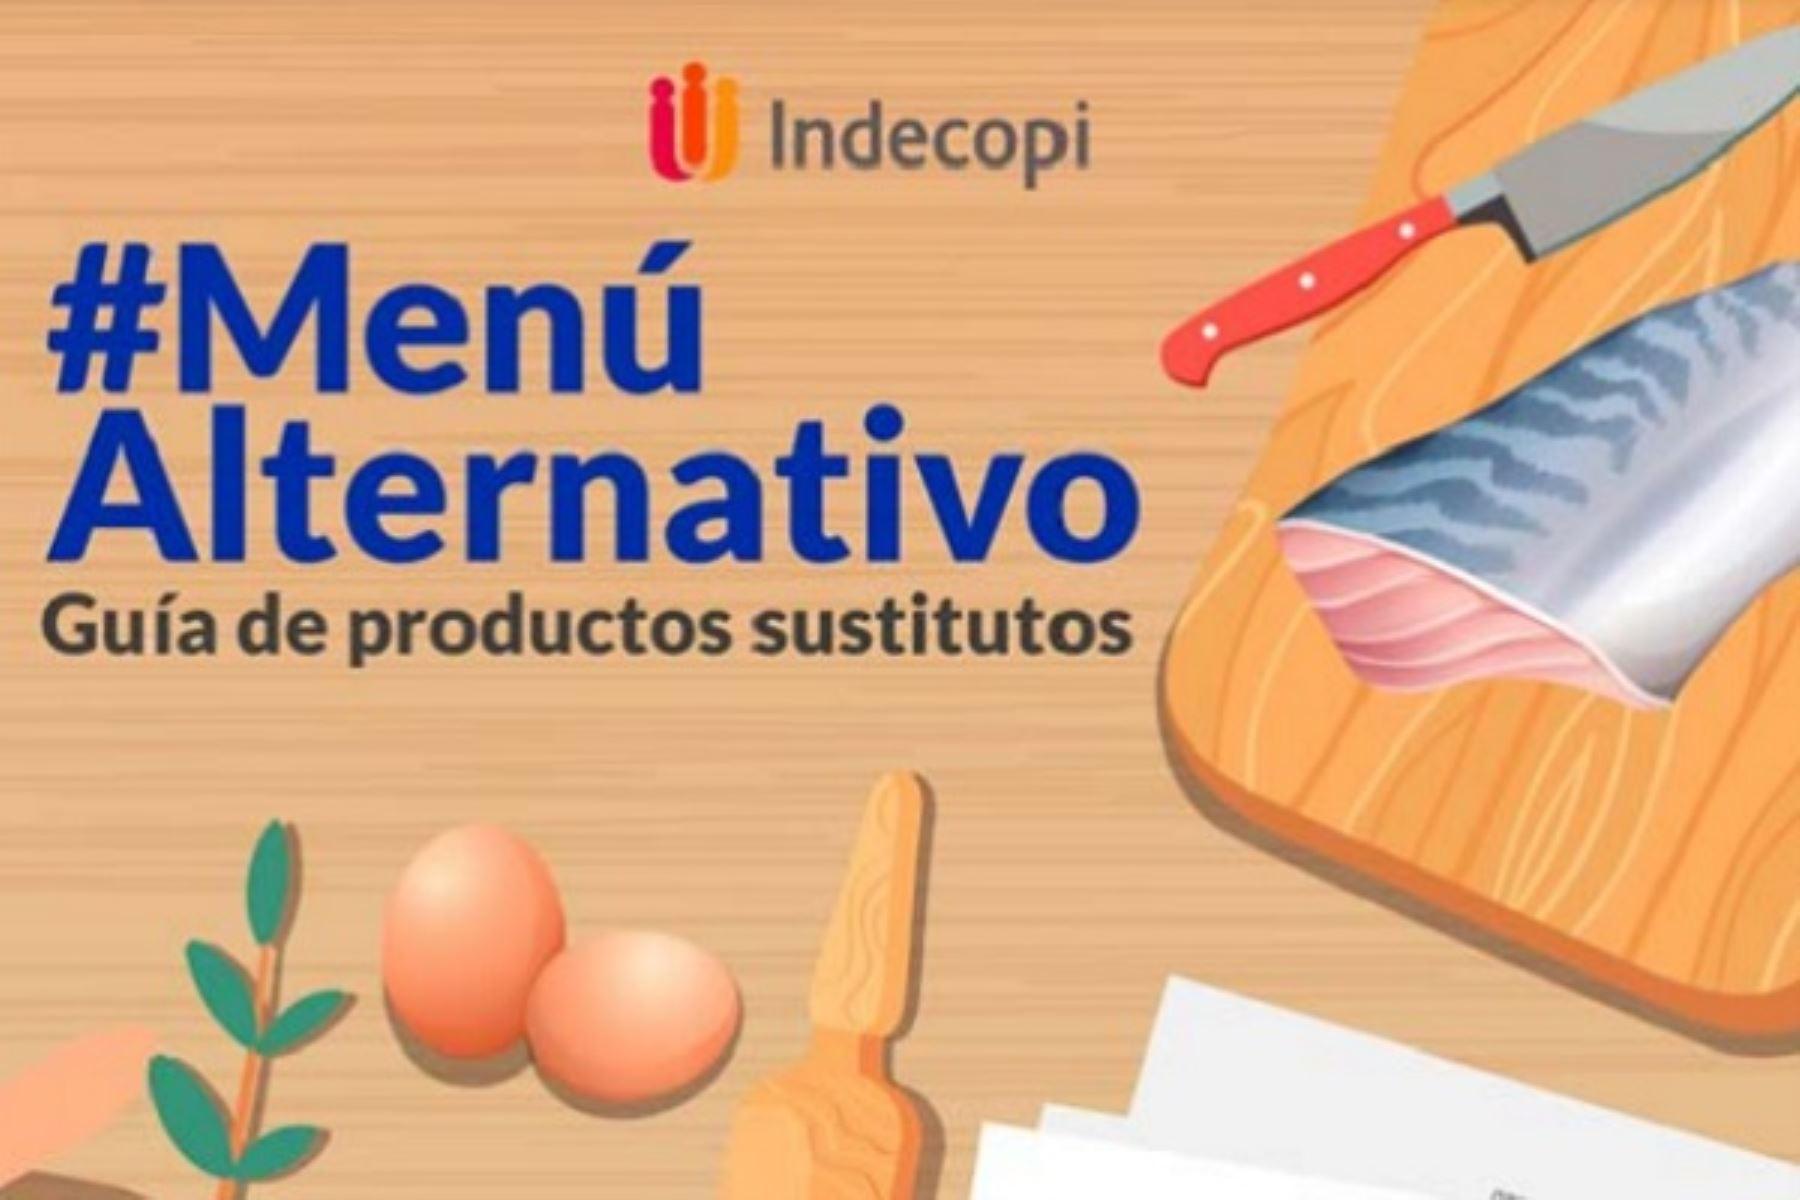 Indecopi lanza la guía '#MenúAlternativo' sobre productos alimenticios